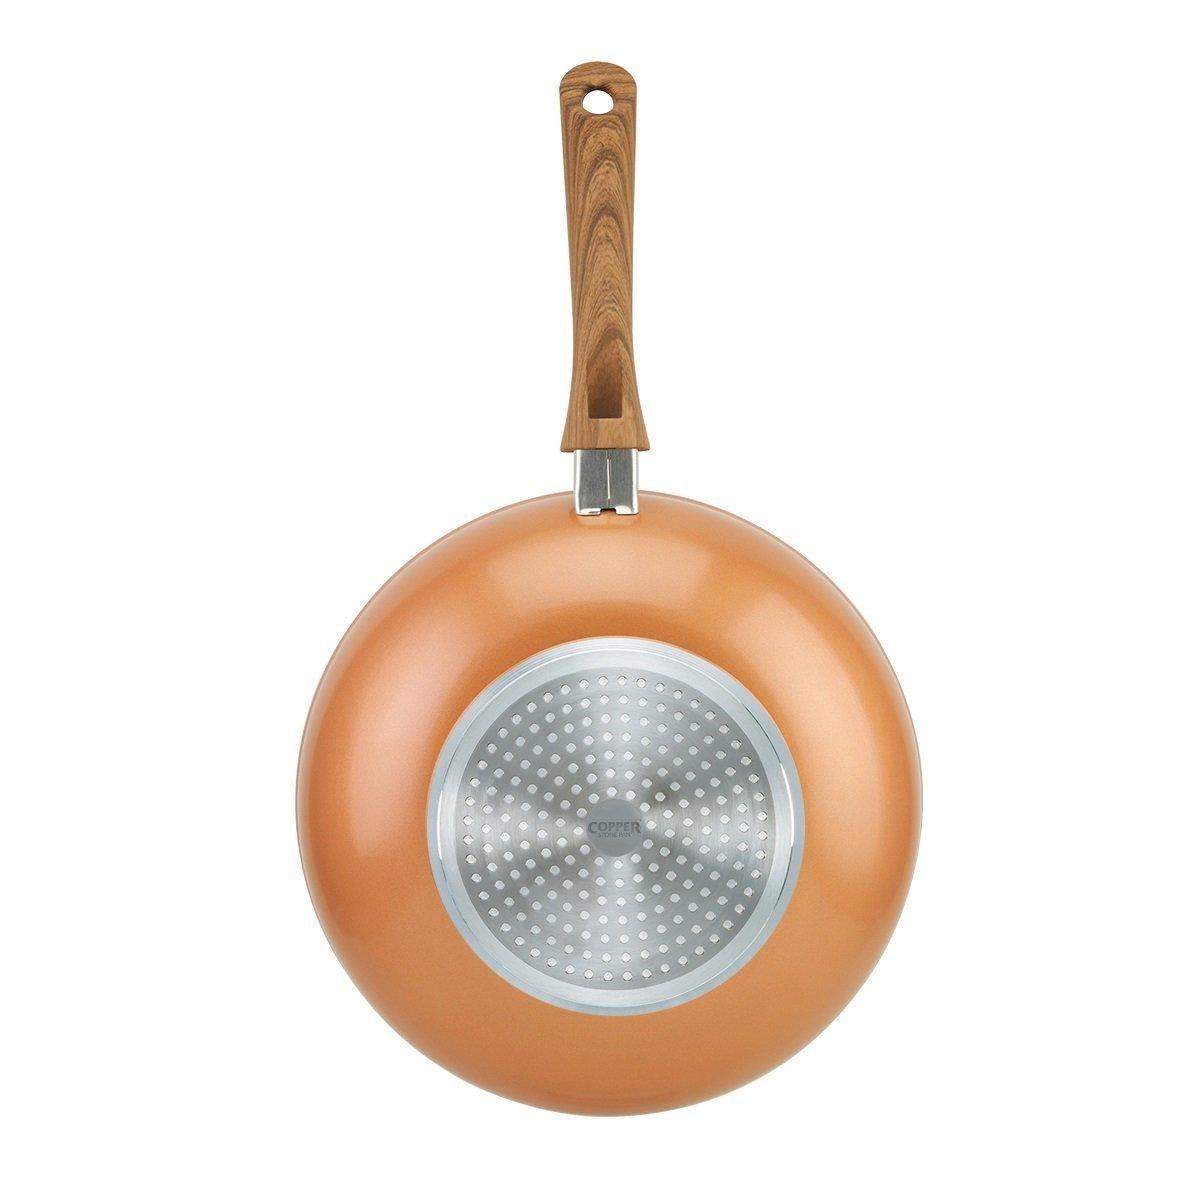 Sartenes Copper Stone de JML, 28 cm, un wok en el que la intensidad del sofrito combina con la belleza del cobre: Amazon.es: Hogar